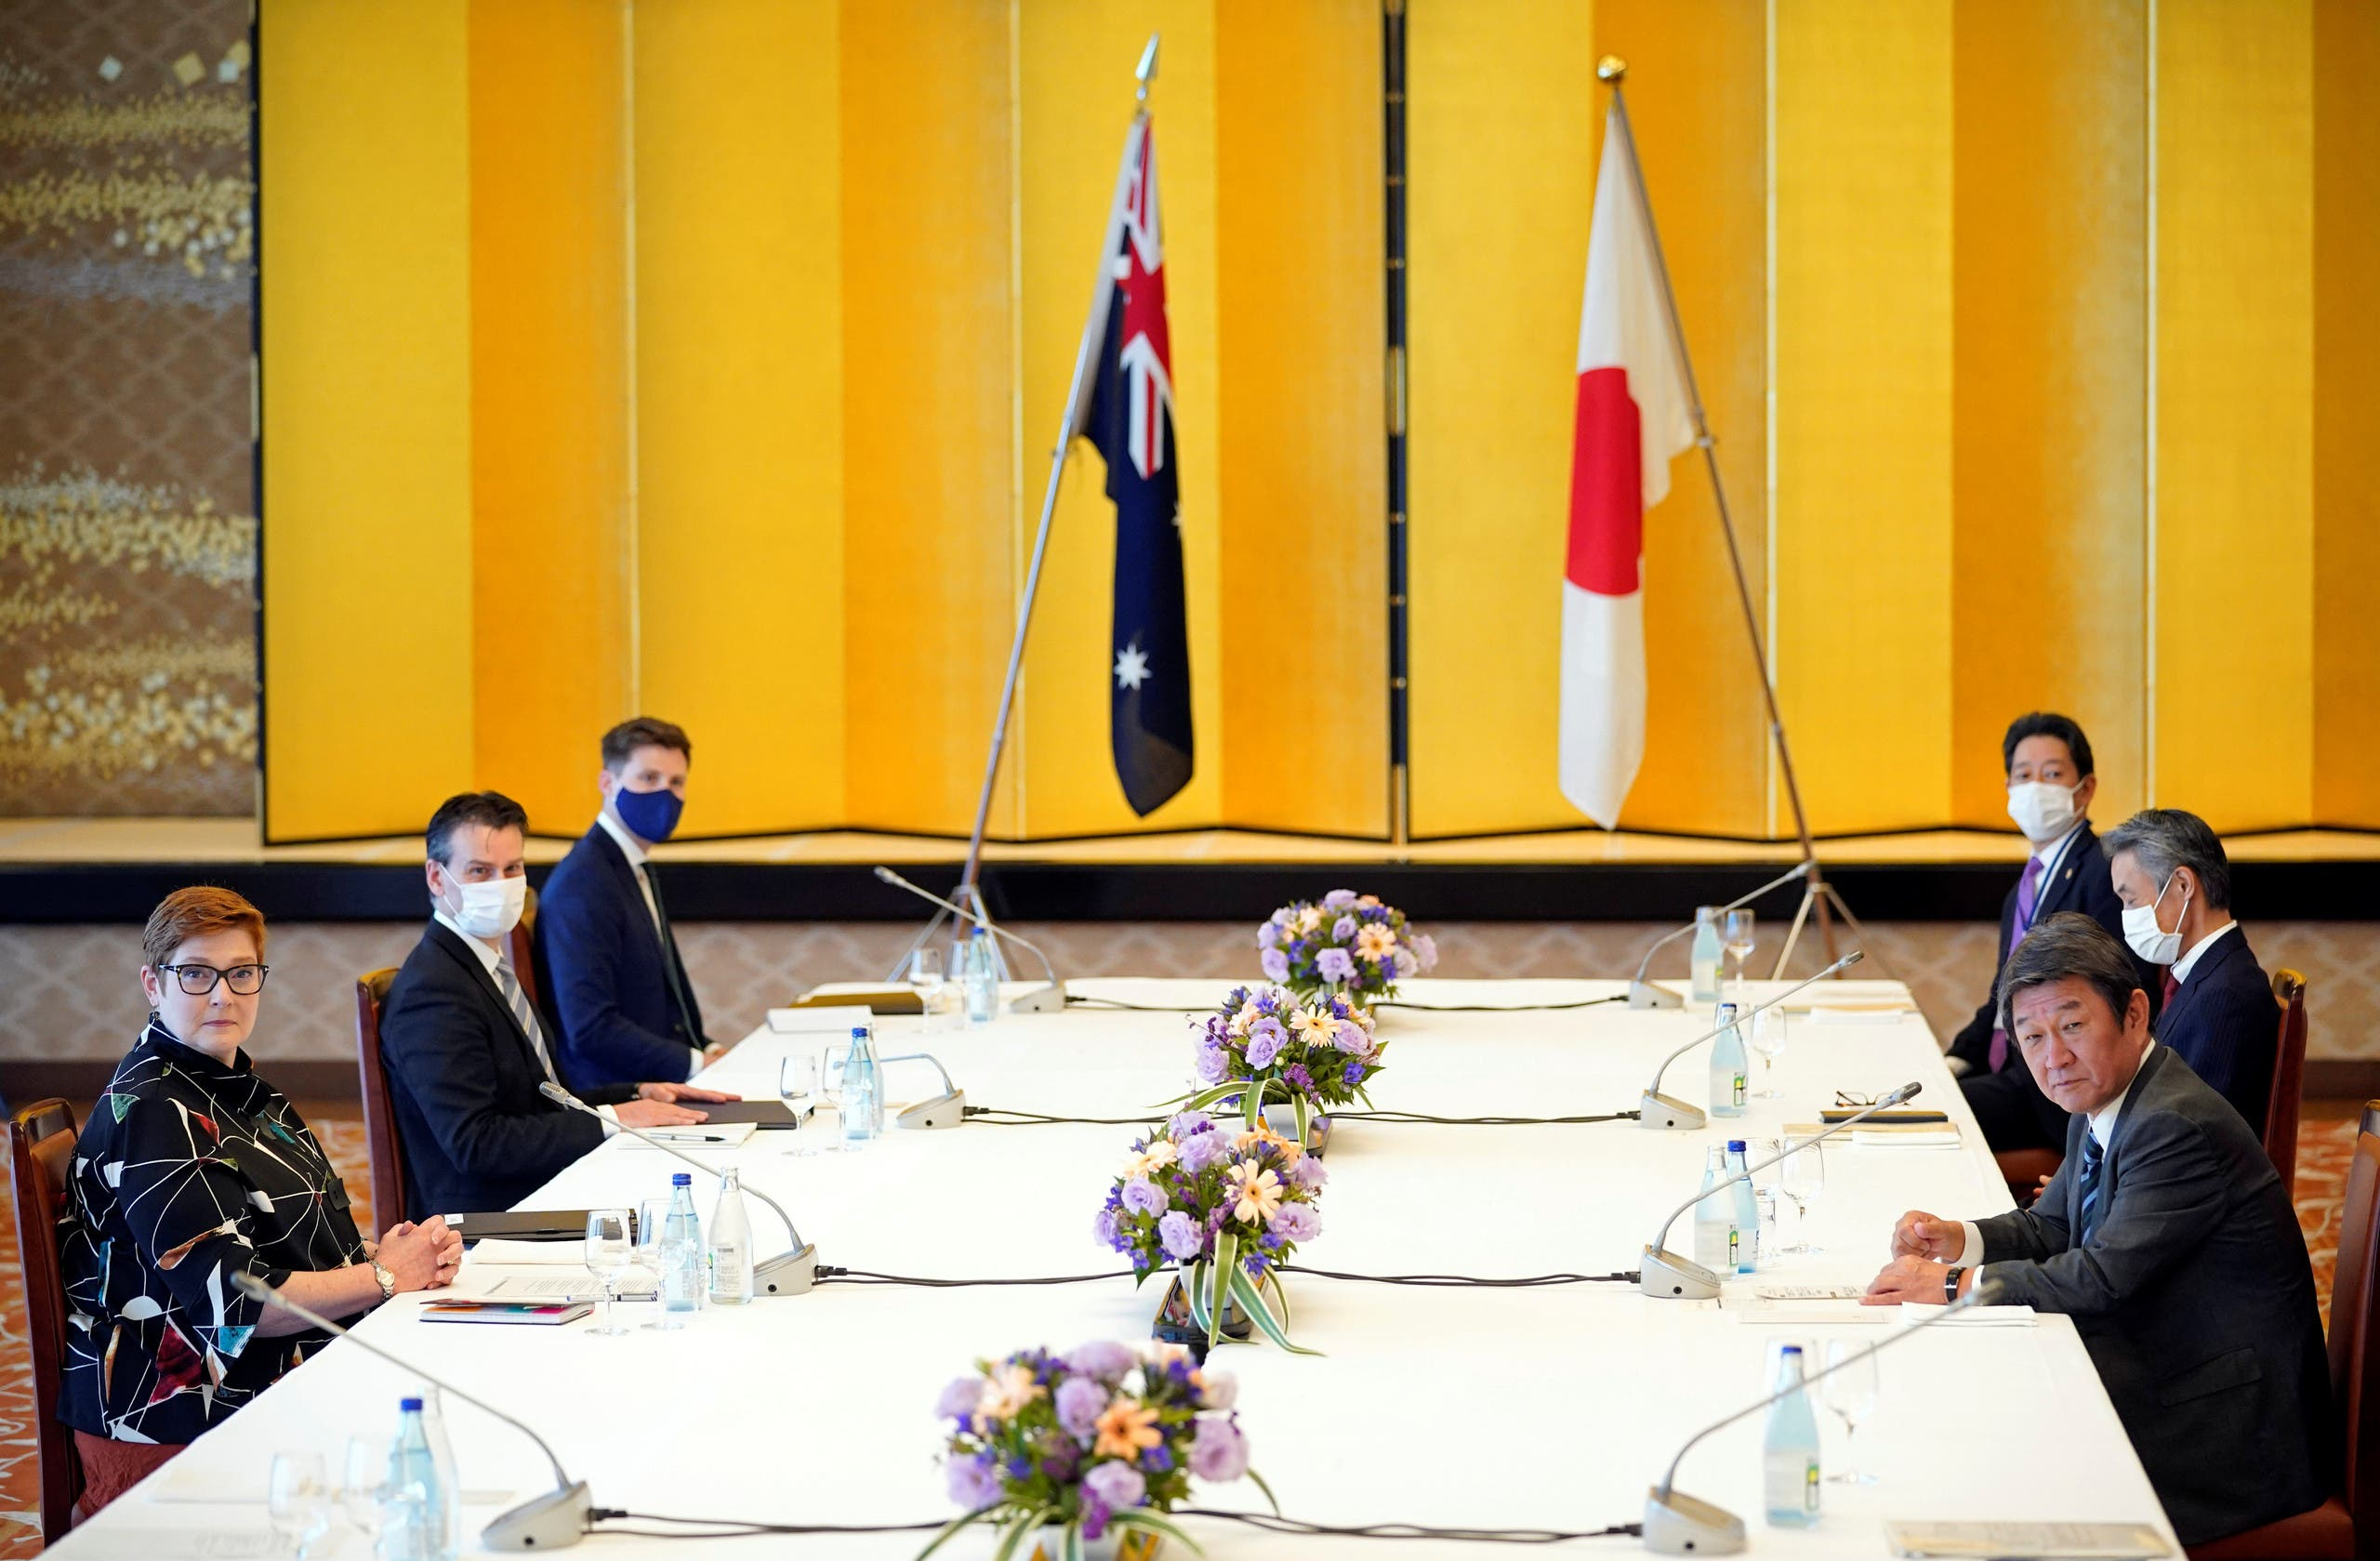 محادثات عسكرية بين البلدين في طوكيو بأكتوبر الماضي